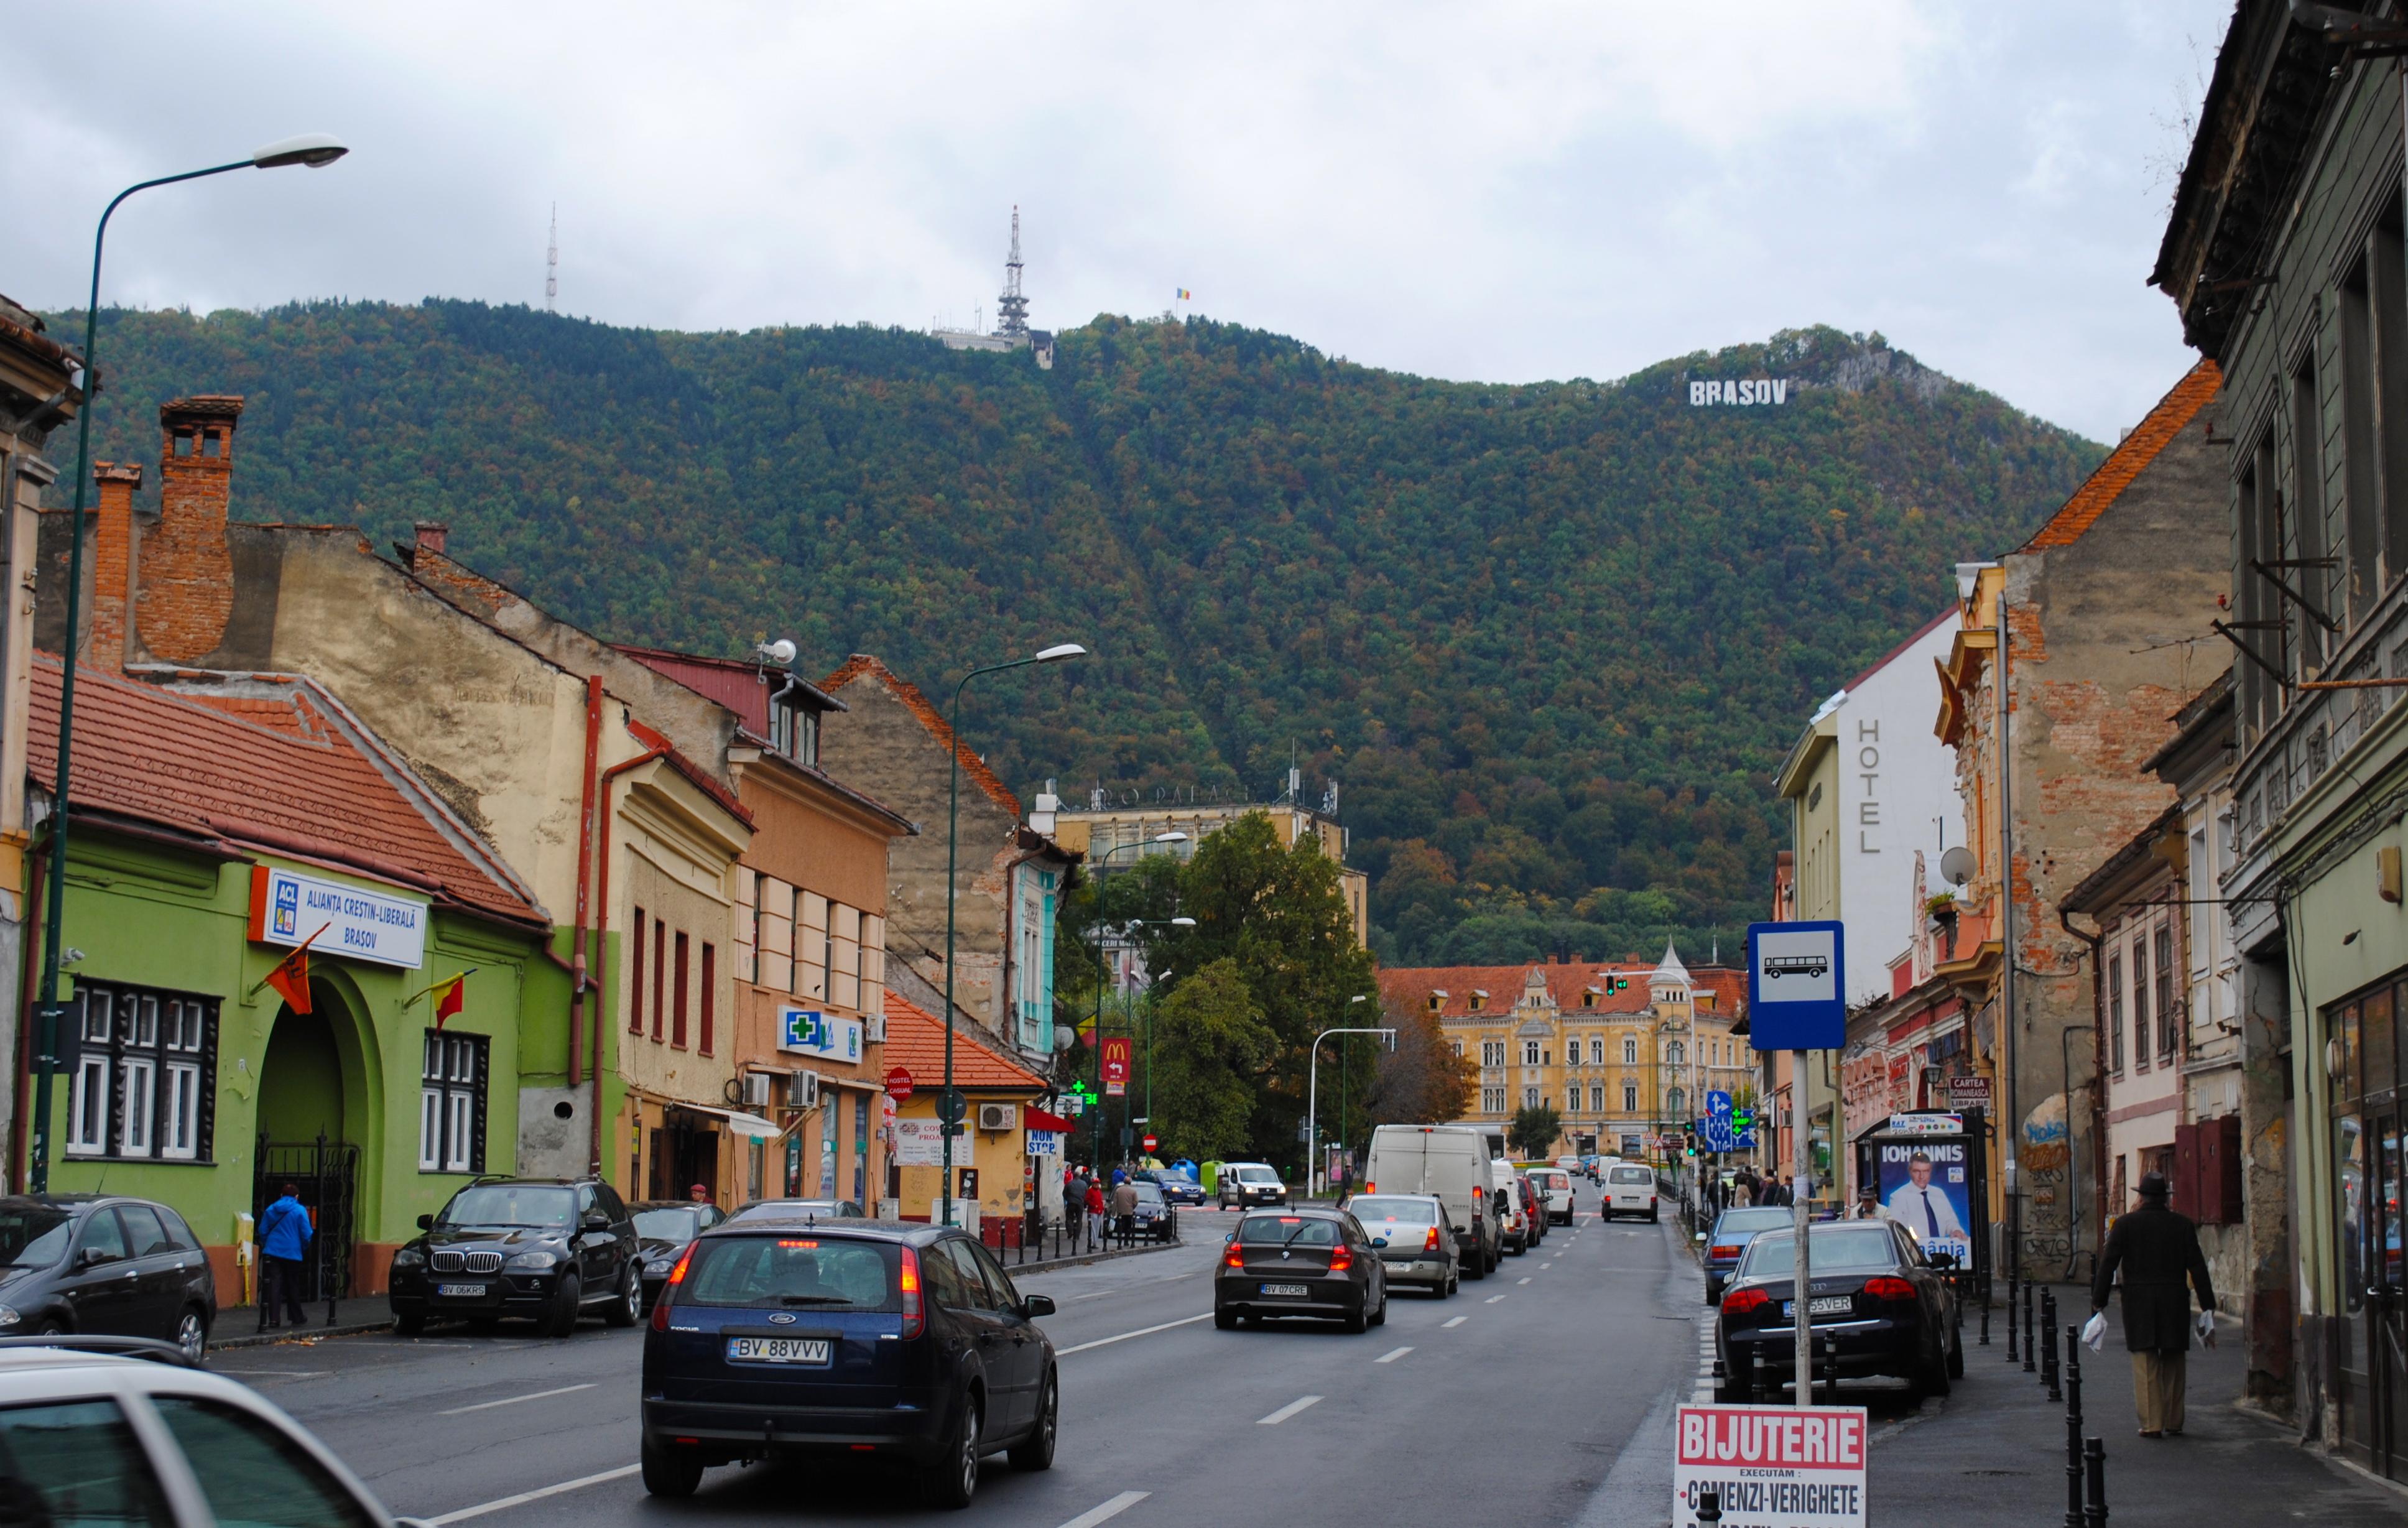 Strada Lungă, Braşov, med kontorene for ACL -- alliansen mellom PNL og PLD -- til venstre, og en valgplakat for Iohannis i høyre kant. (Foto: Steinar Lone, 8. oktober 2014 )